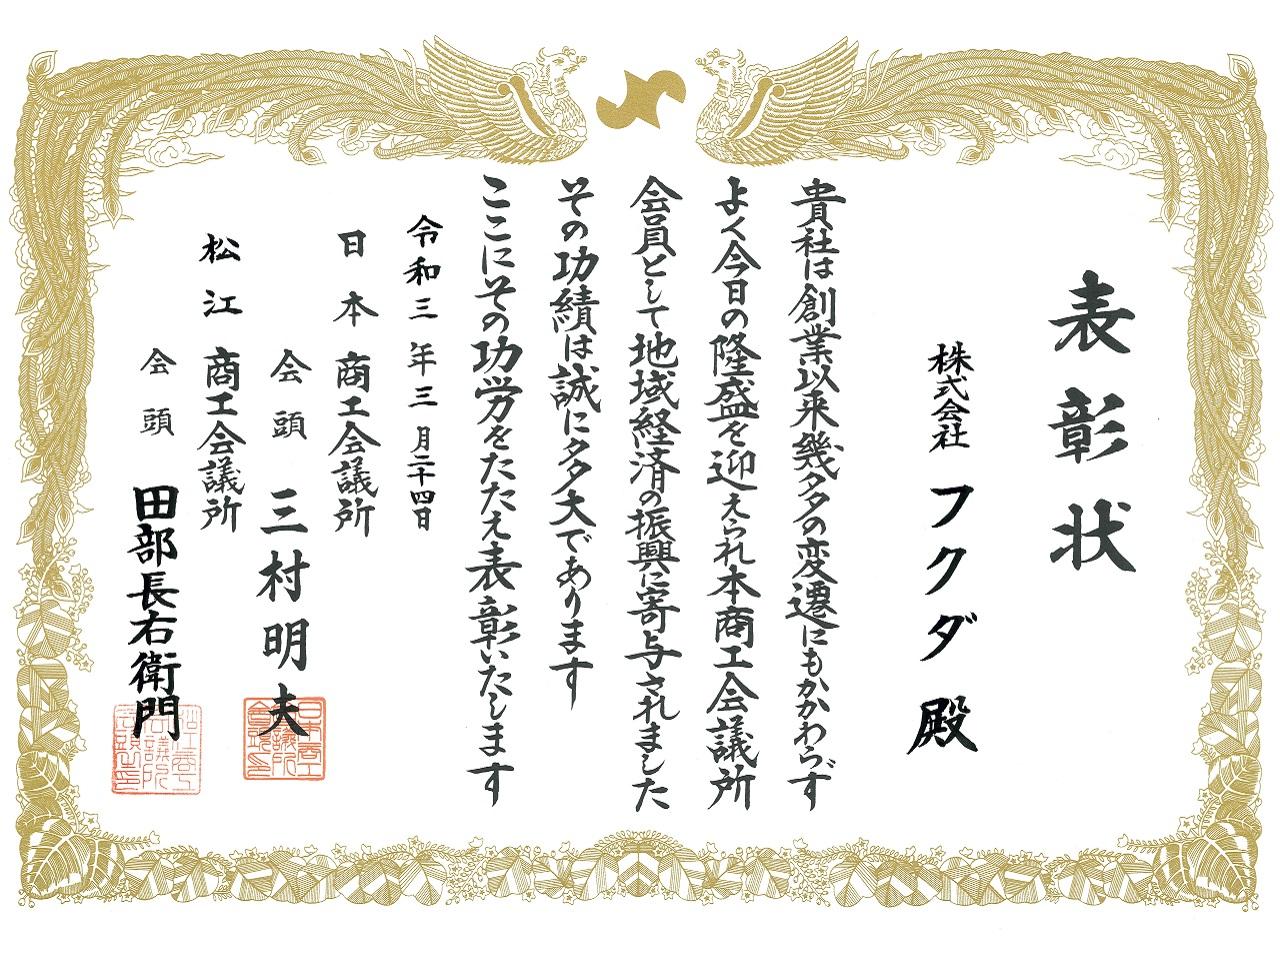 松江商工会議所 永年会員企業表彰をいただきました。